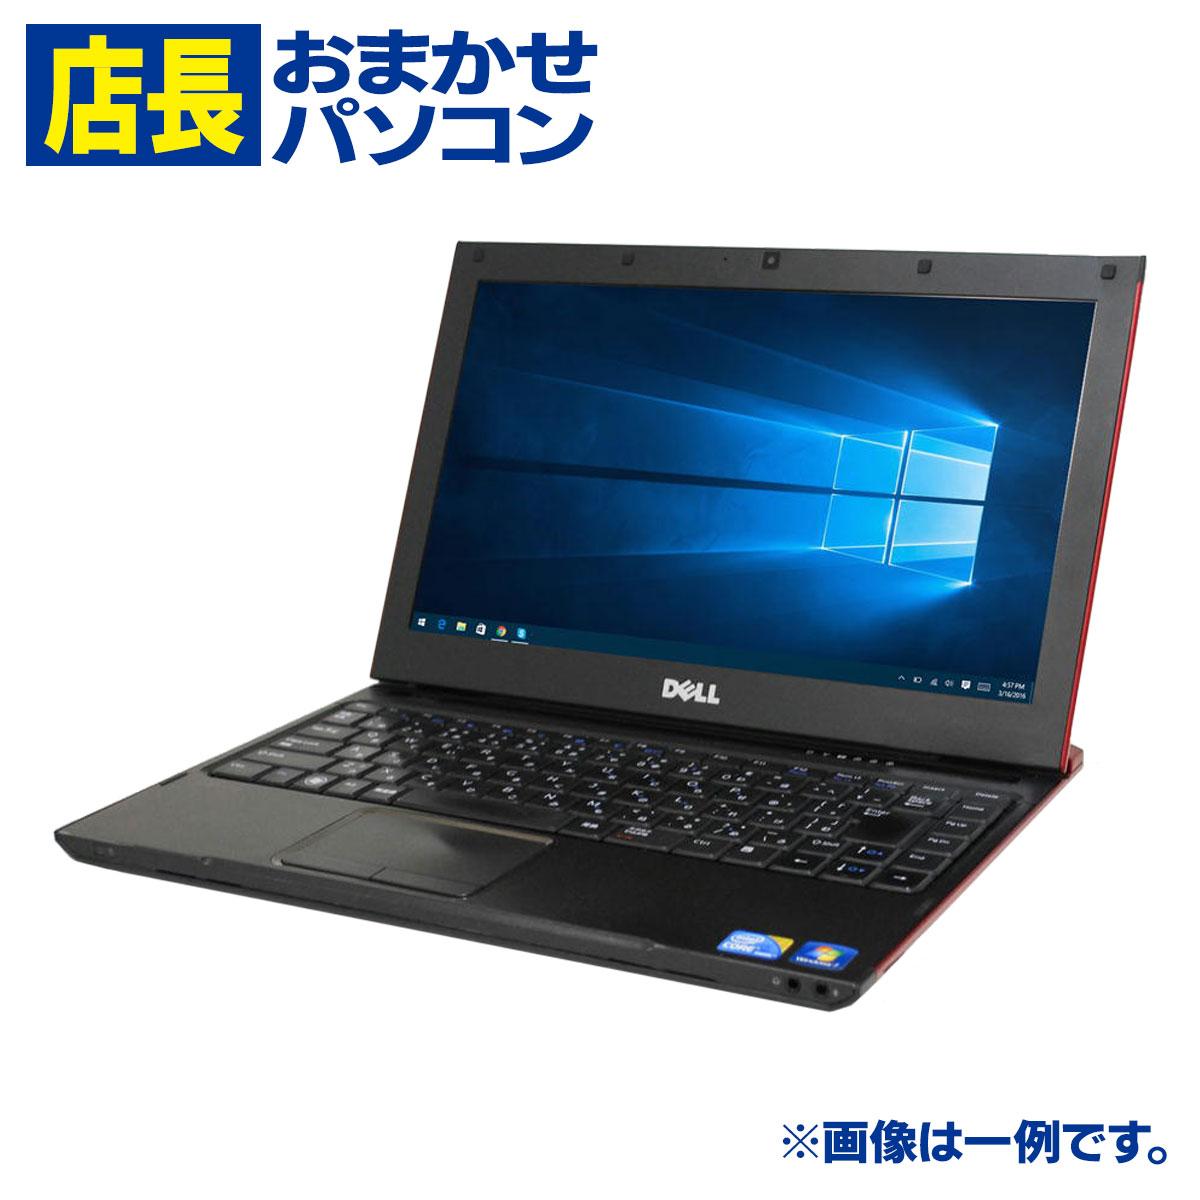 店長おまかせパソコン 中古ノートPC MAR Windows10 Pro 64bit Core i5 メモリ4GB HDD320GB DVD-ROMドライブ 中古ノートパソコン